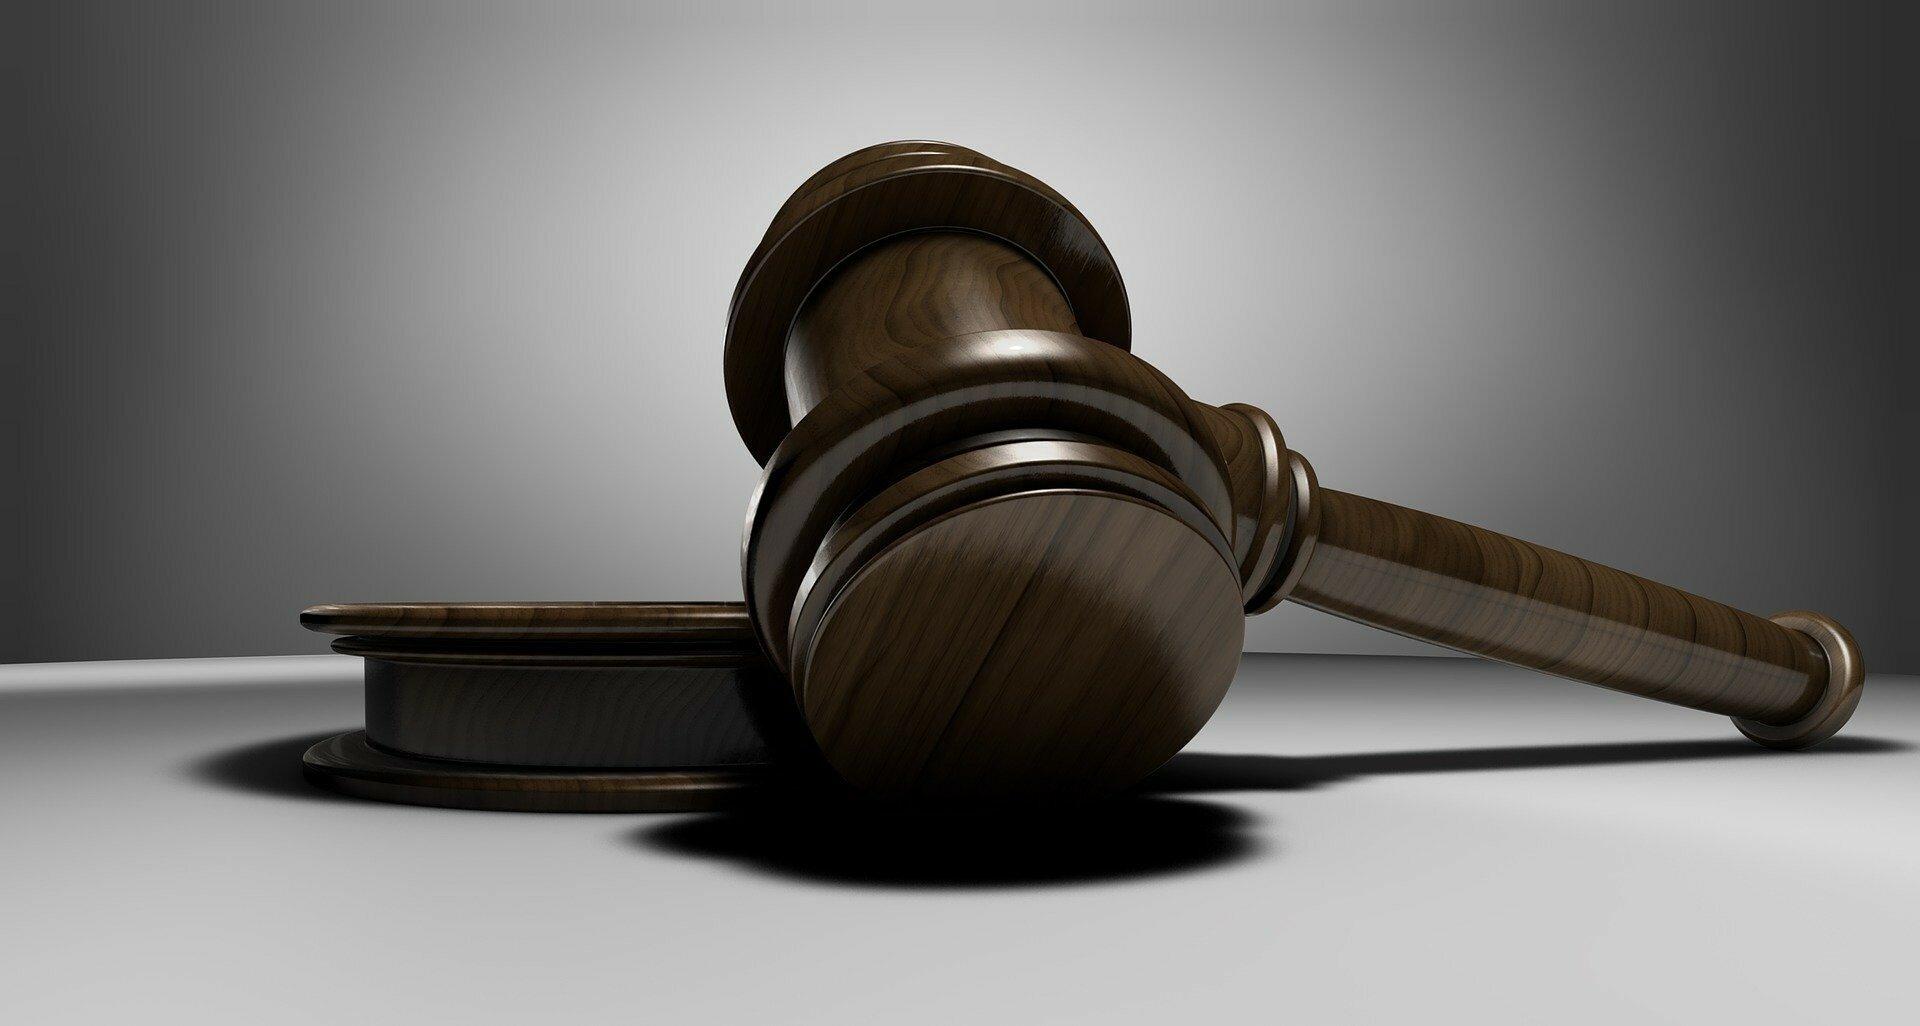 Суд остановил иск ПриватБанка к Суркису